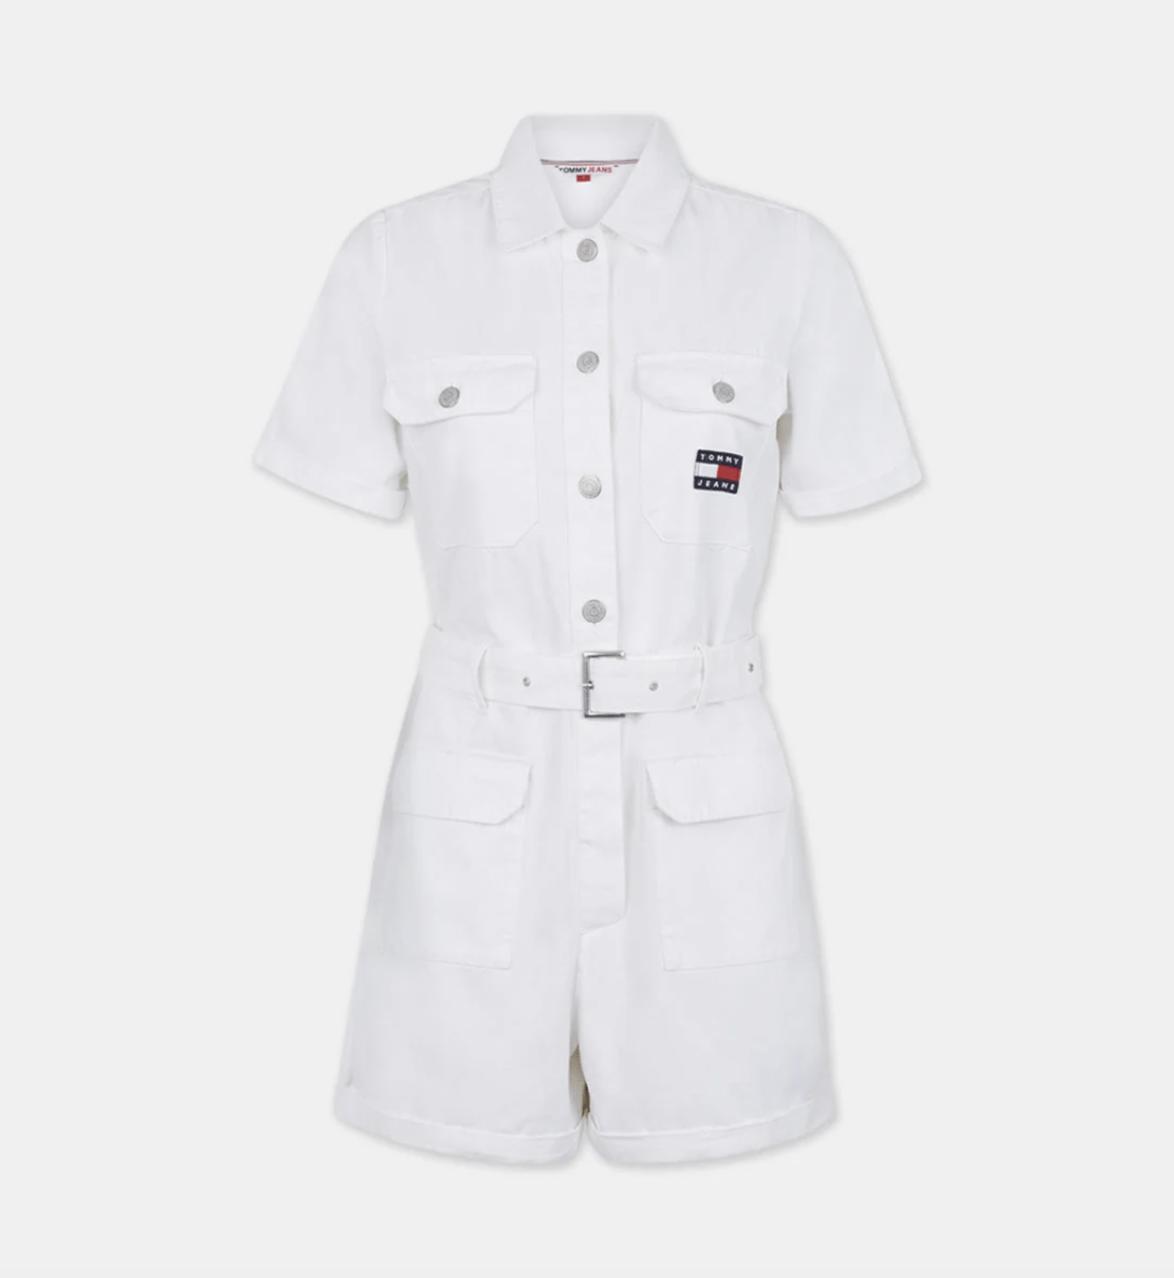 Combi-short blanche en coton biologique, Tommy Jeans by Tommy Hilfiger, 65,40€ au lieu de 109€